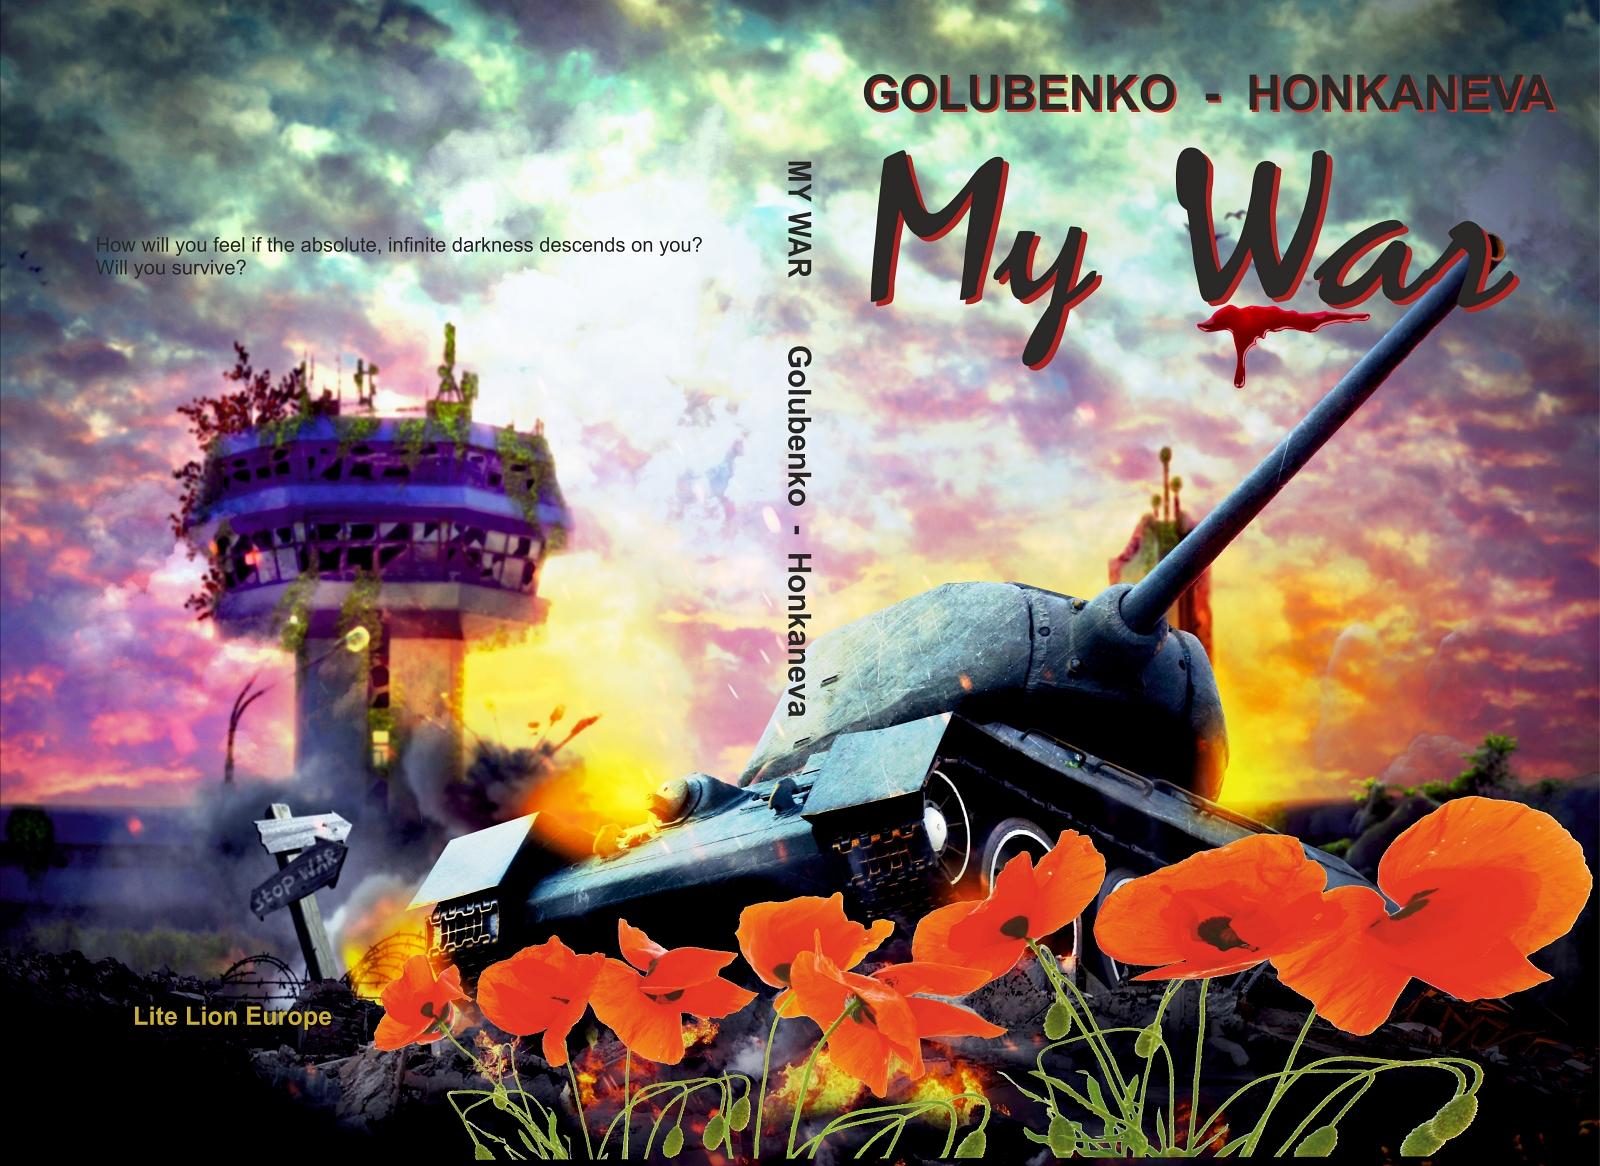 My War, a book